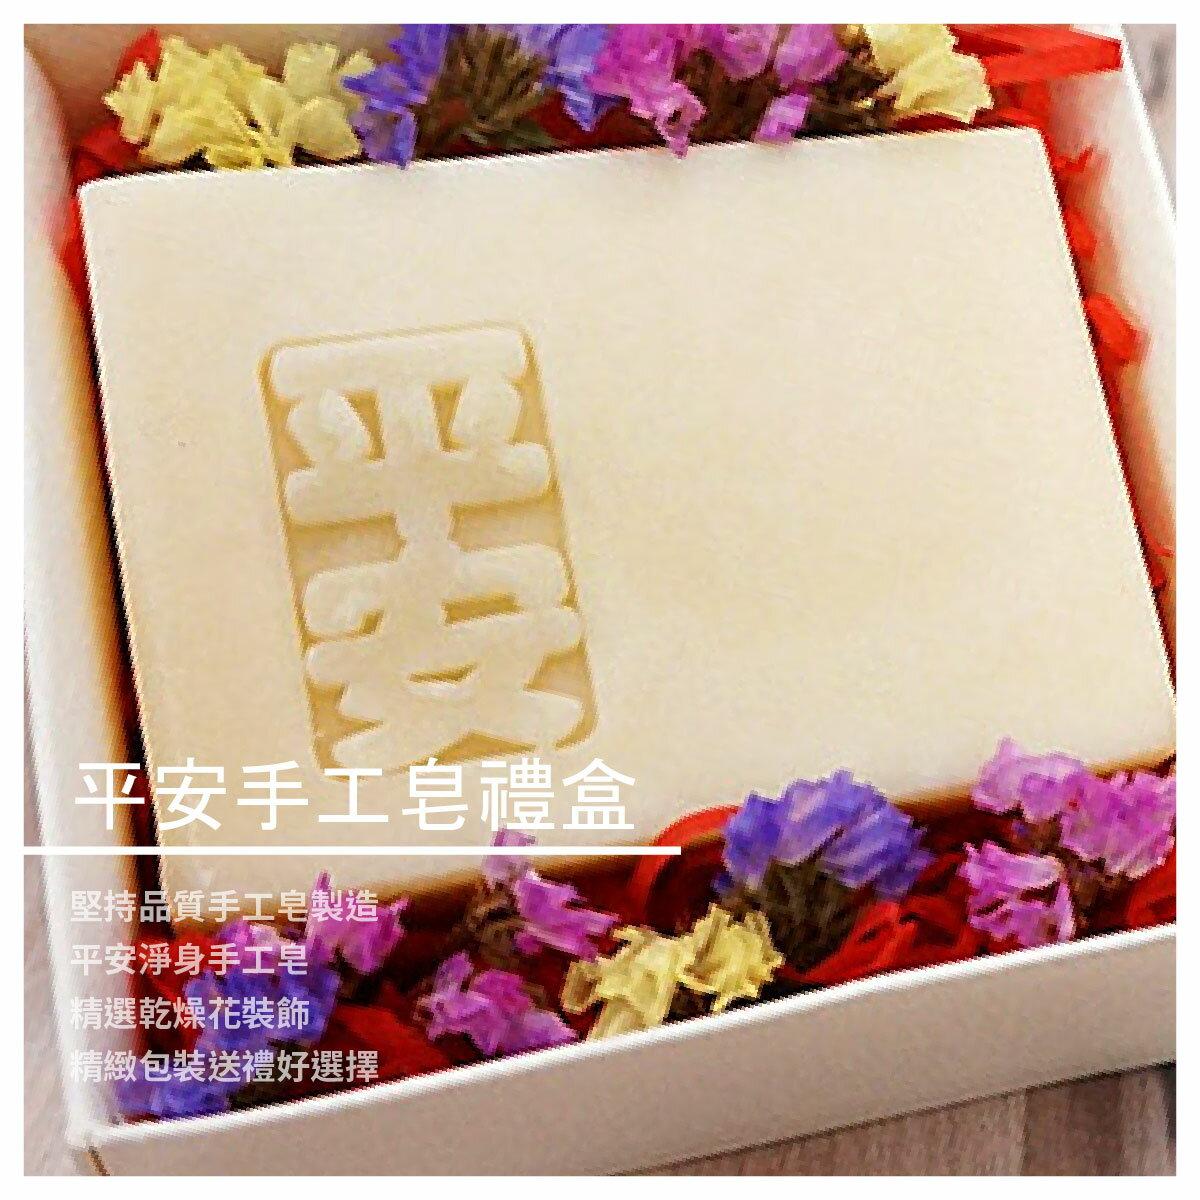 【一草一木手作皂】一草一木平安手工皂禮盒/盒